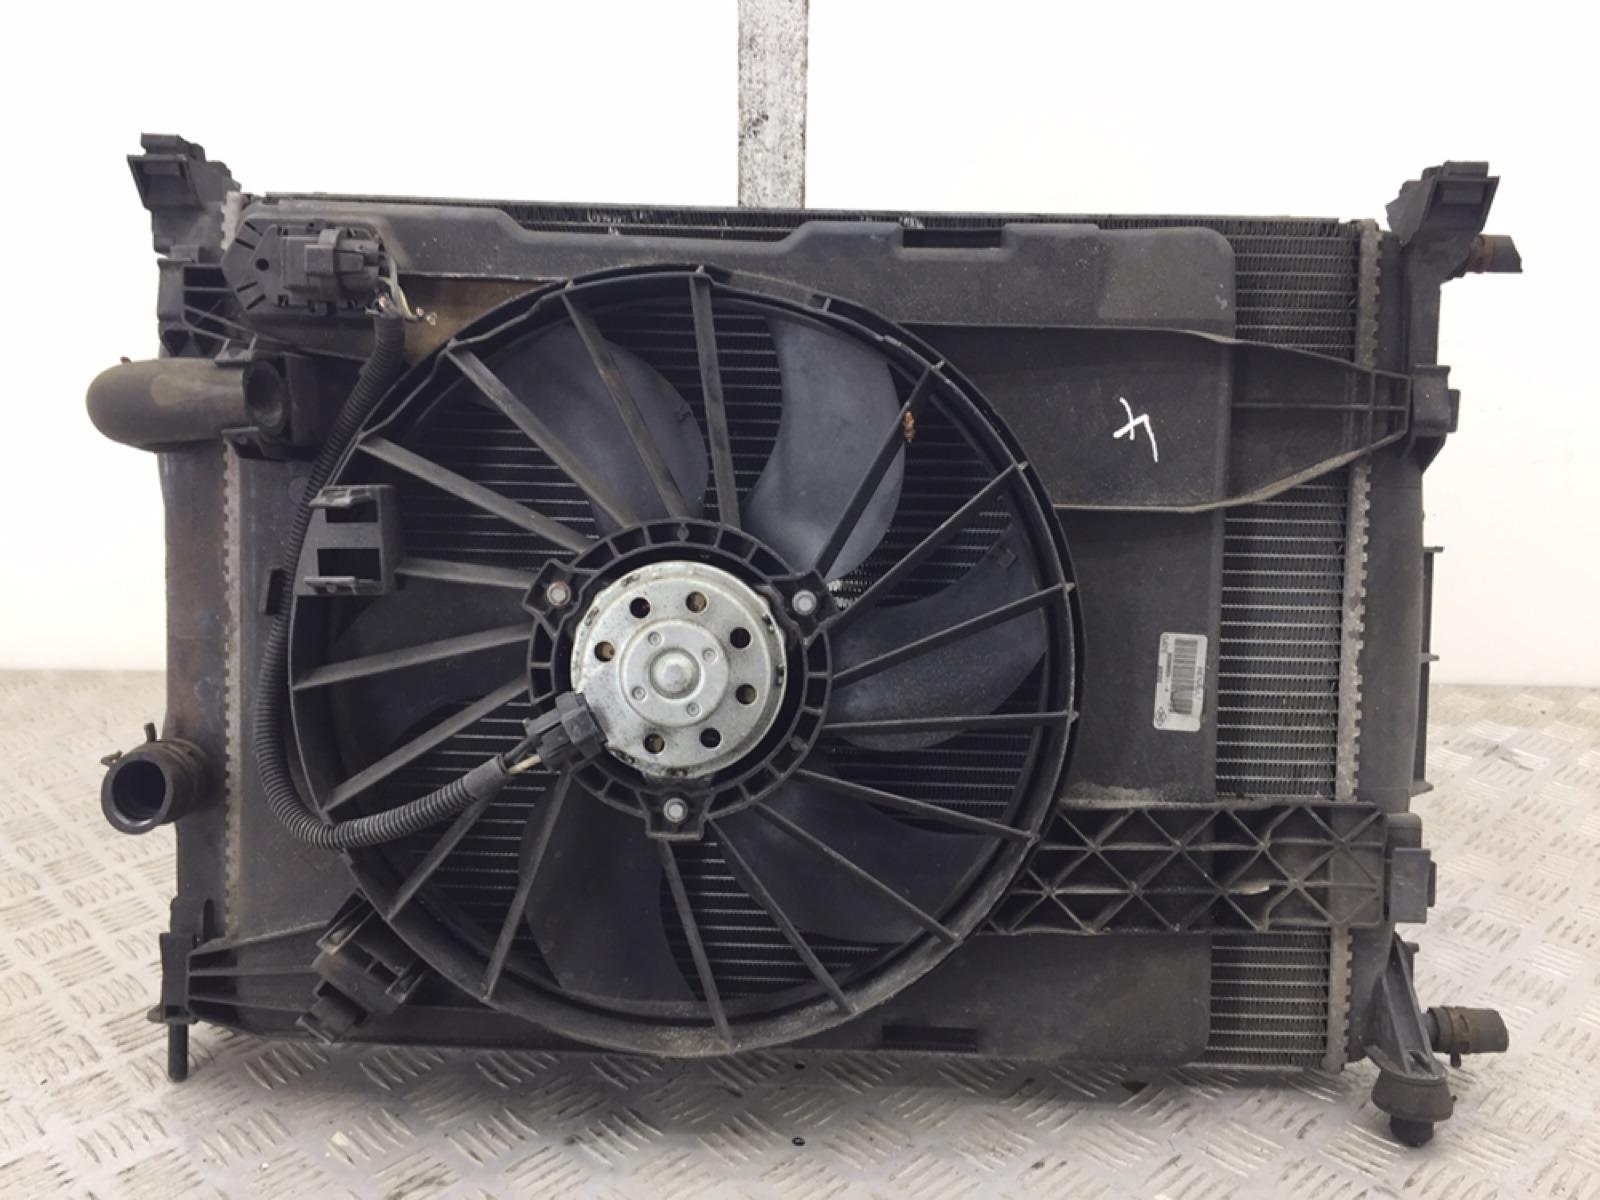 Кассета радиаторов Renault Scenic 1.5 DCI 2008 (б/у)